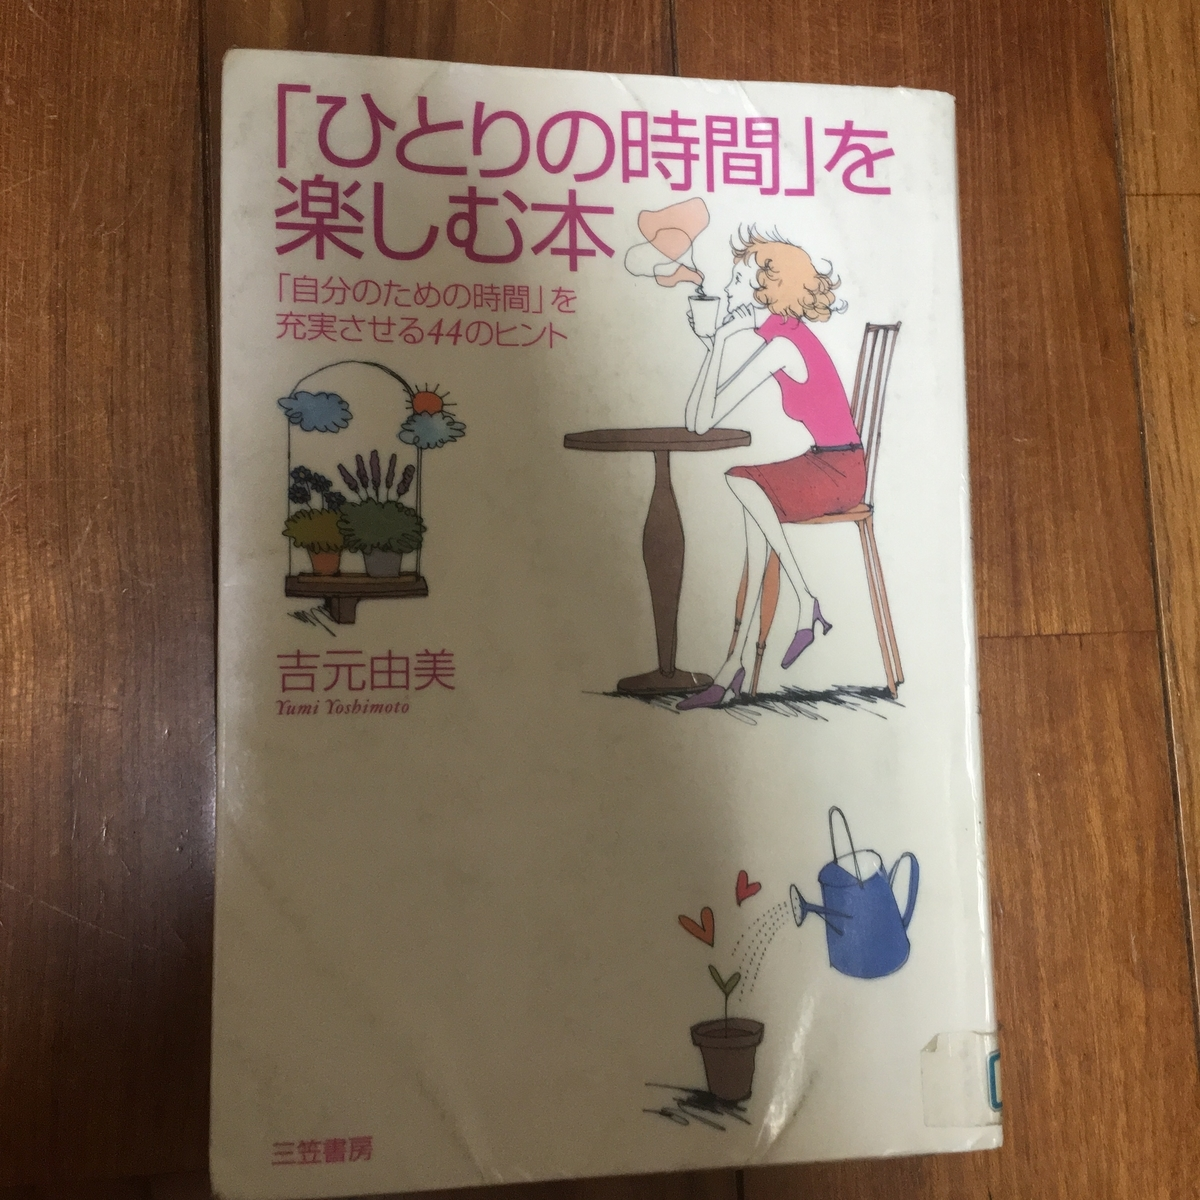 「ひとりの時間」を楽しむ本